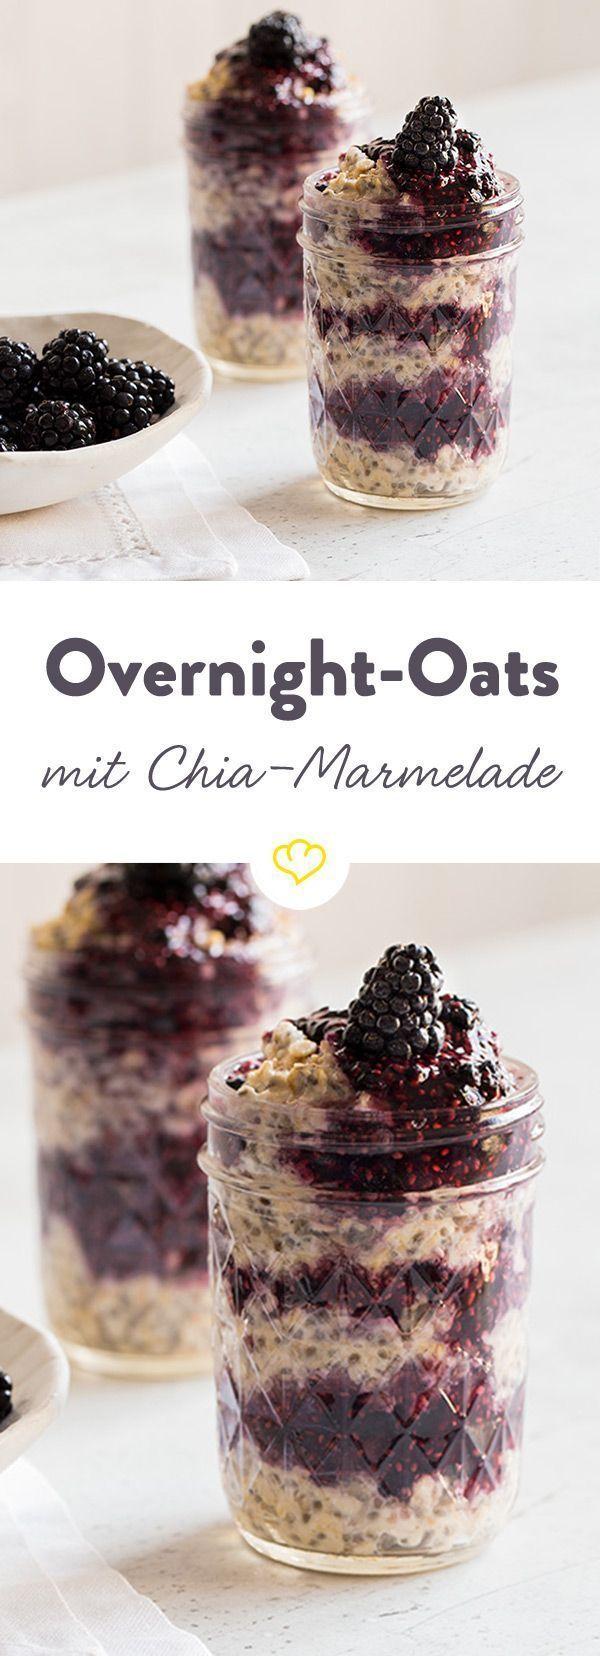 #overnight #mermelada #mermelada #overnight #avena #avena #chia #mora #oats #chia #mora #oats #con #con #deAvena con mermelada de chia y mora   - Overnight Oats - #brombeerenrezepte